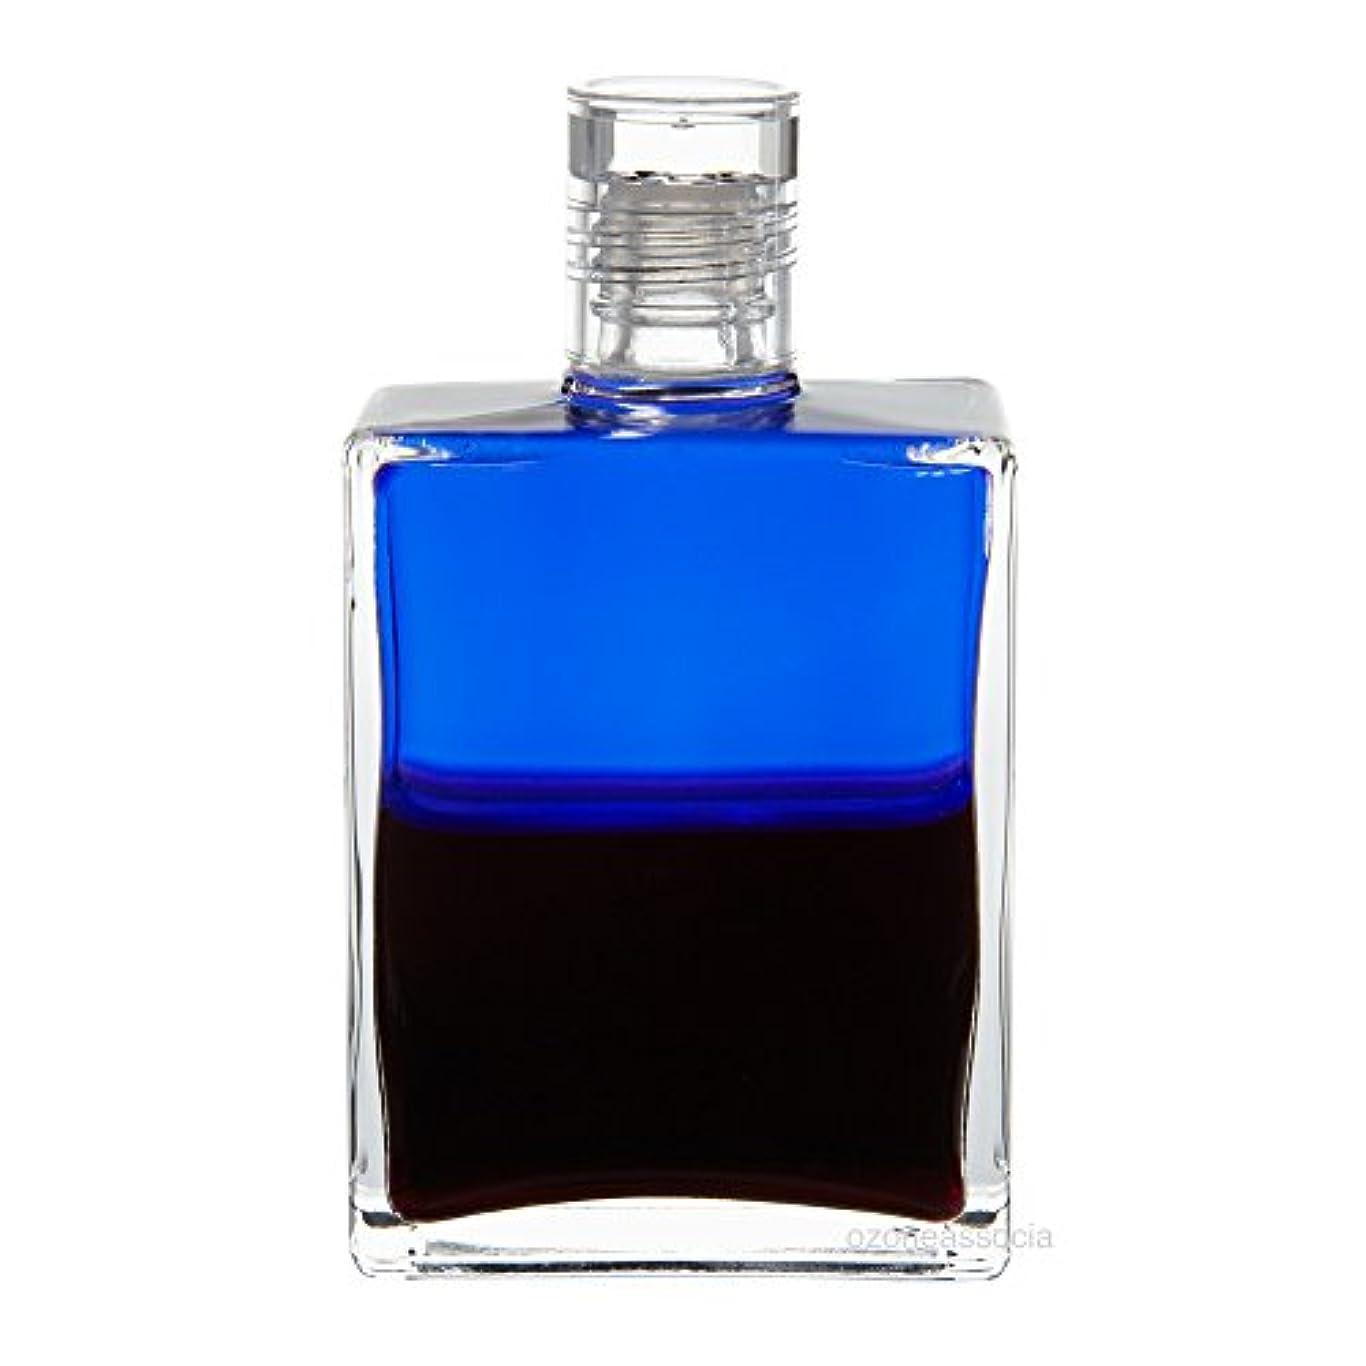 軍艦も焼くオーラソーマ ボトル 1番 フィジカル?レスキュー (ブルー/ディープマゼンタ) イクイリブリアムボトル50ml